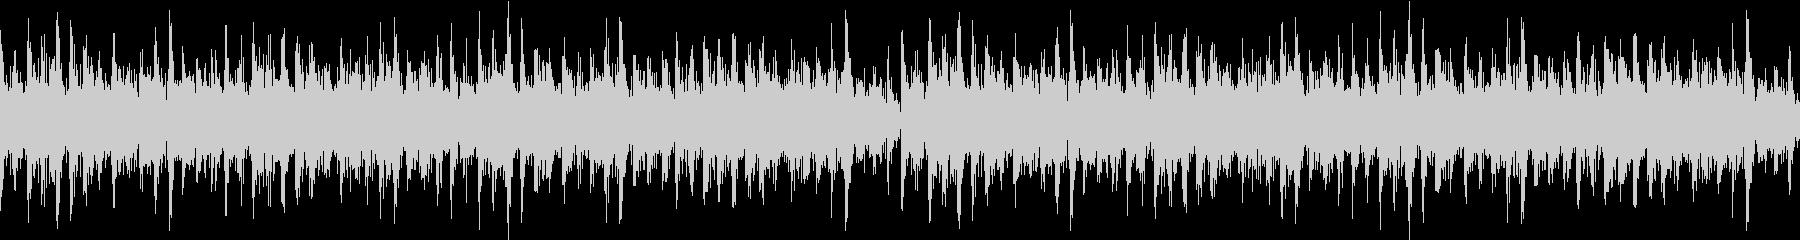 リズミカルなシンセリードが心地いいBGMの未再生の波形